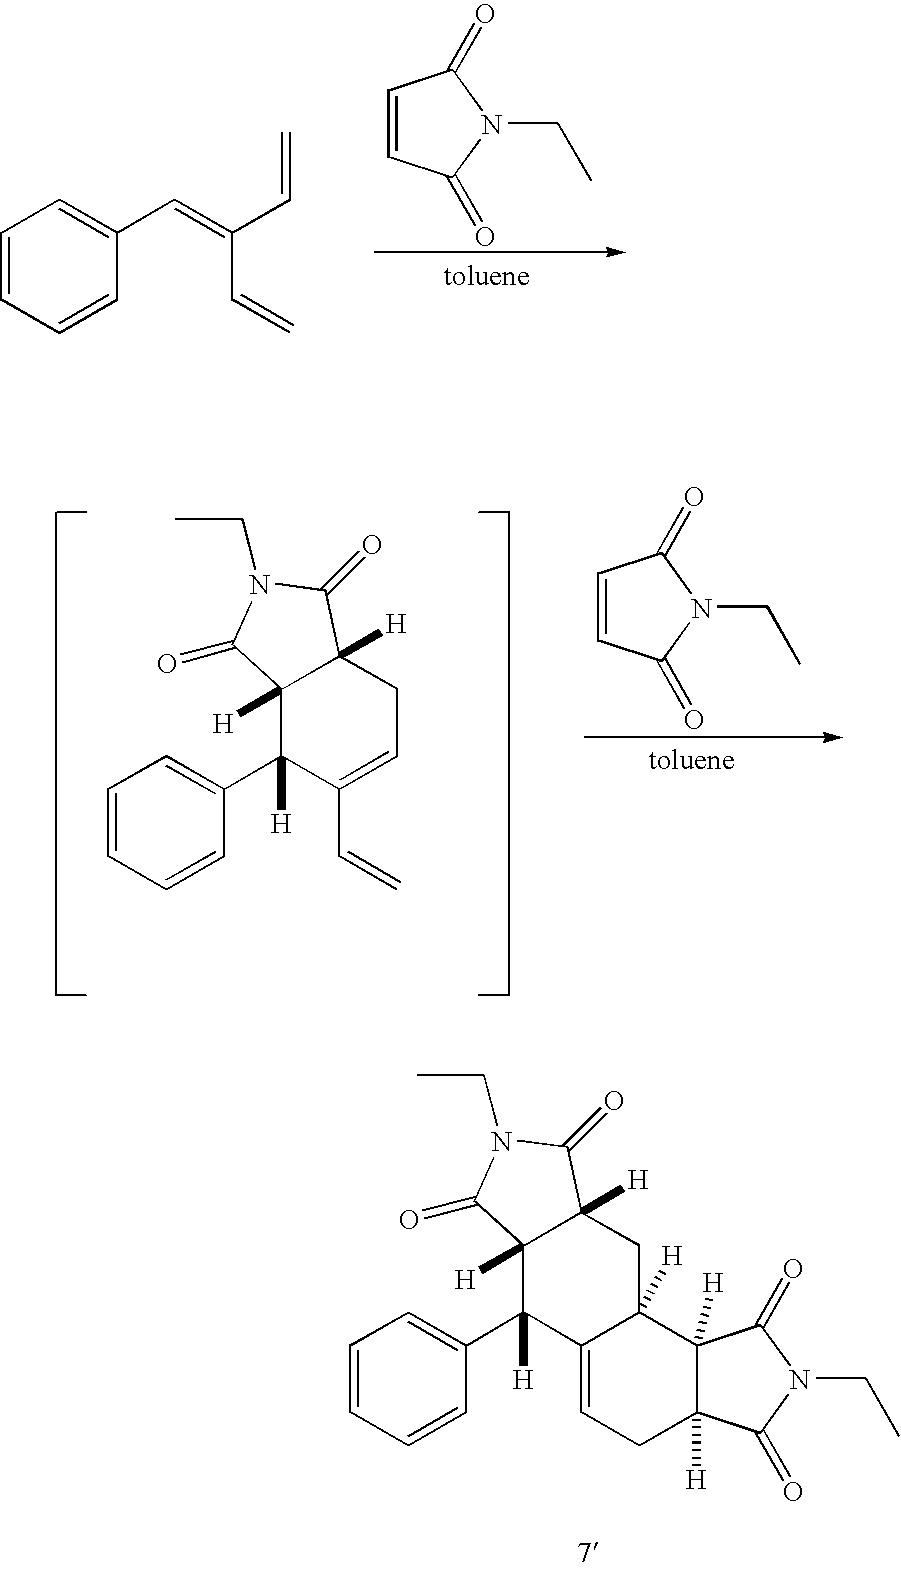 Figure US20040214232A1-20041028-C00078